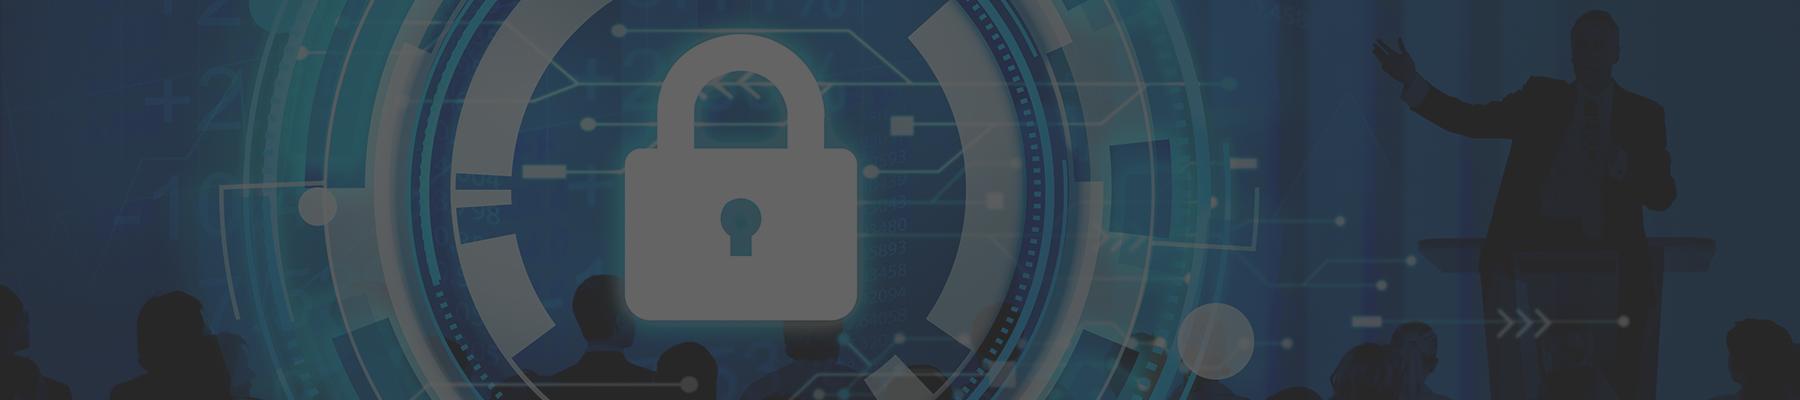 Cyber-Attack-Scenario